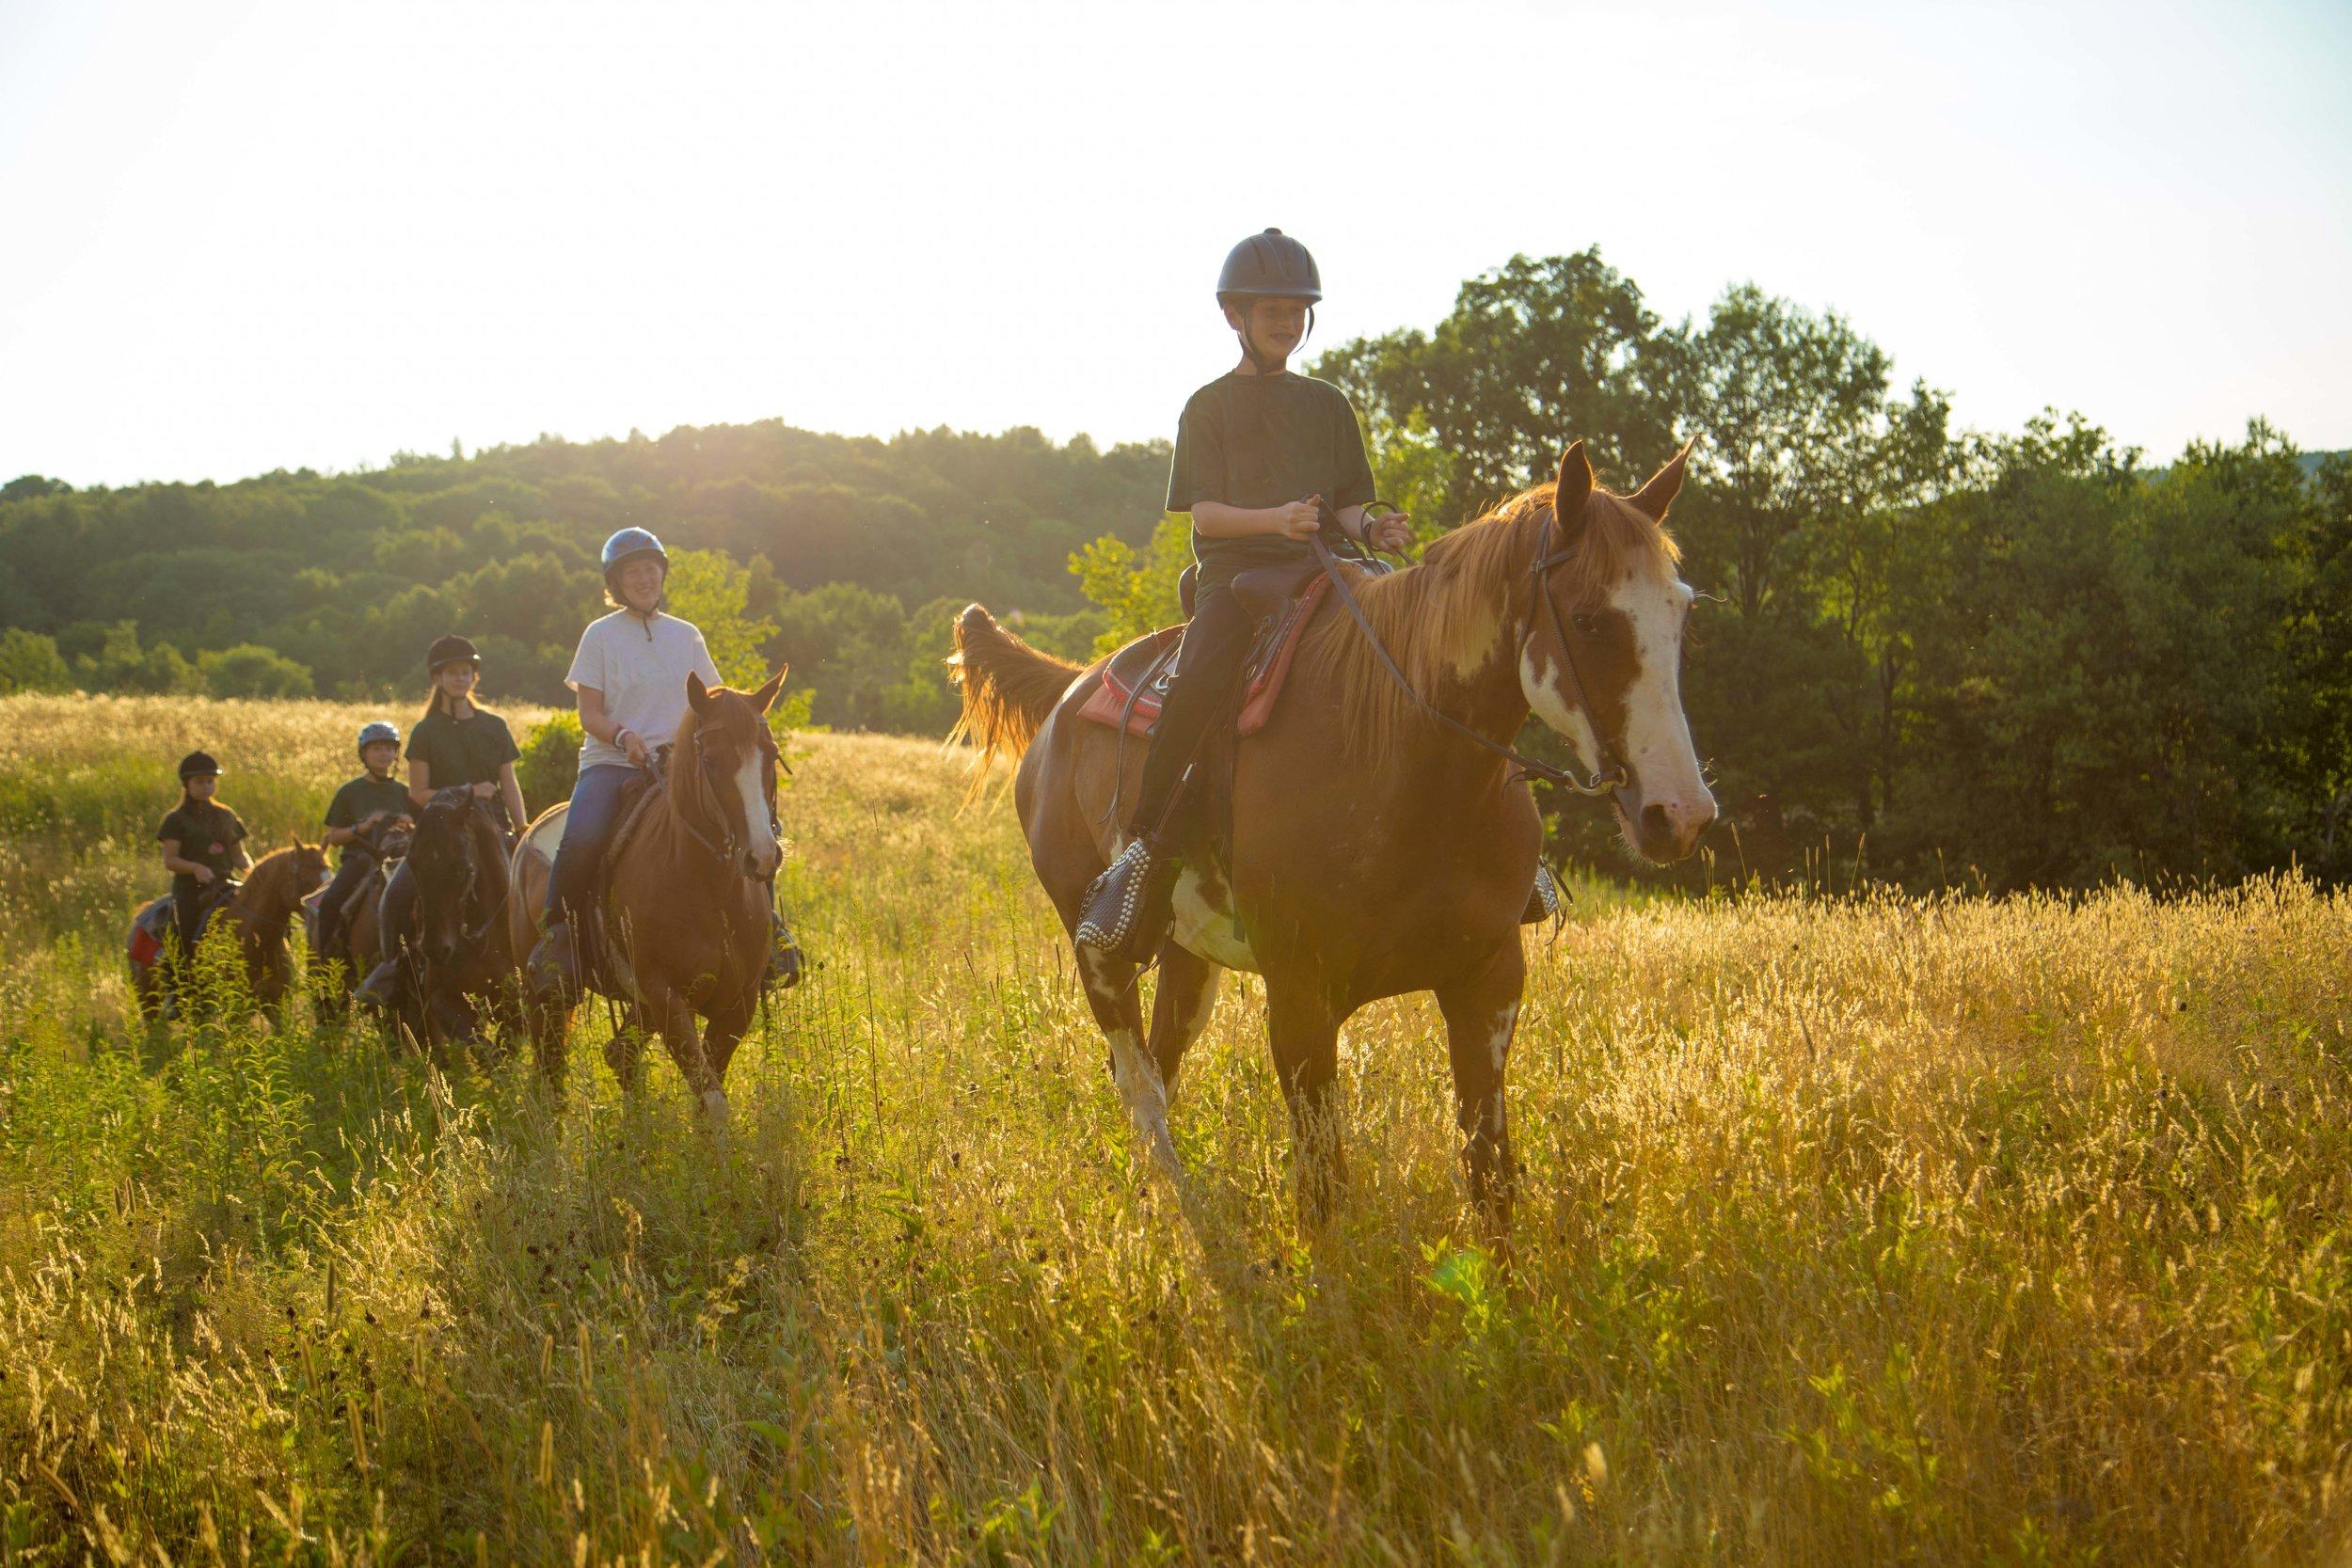 grouponhorses.jpg